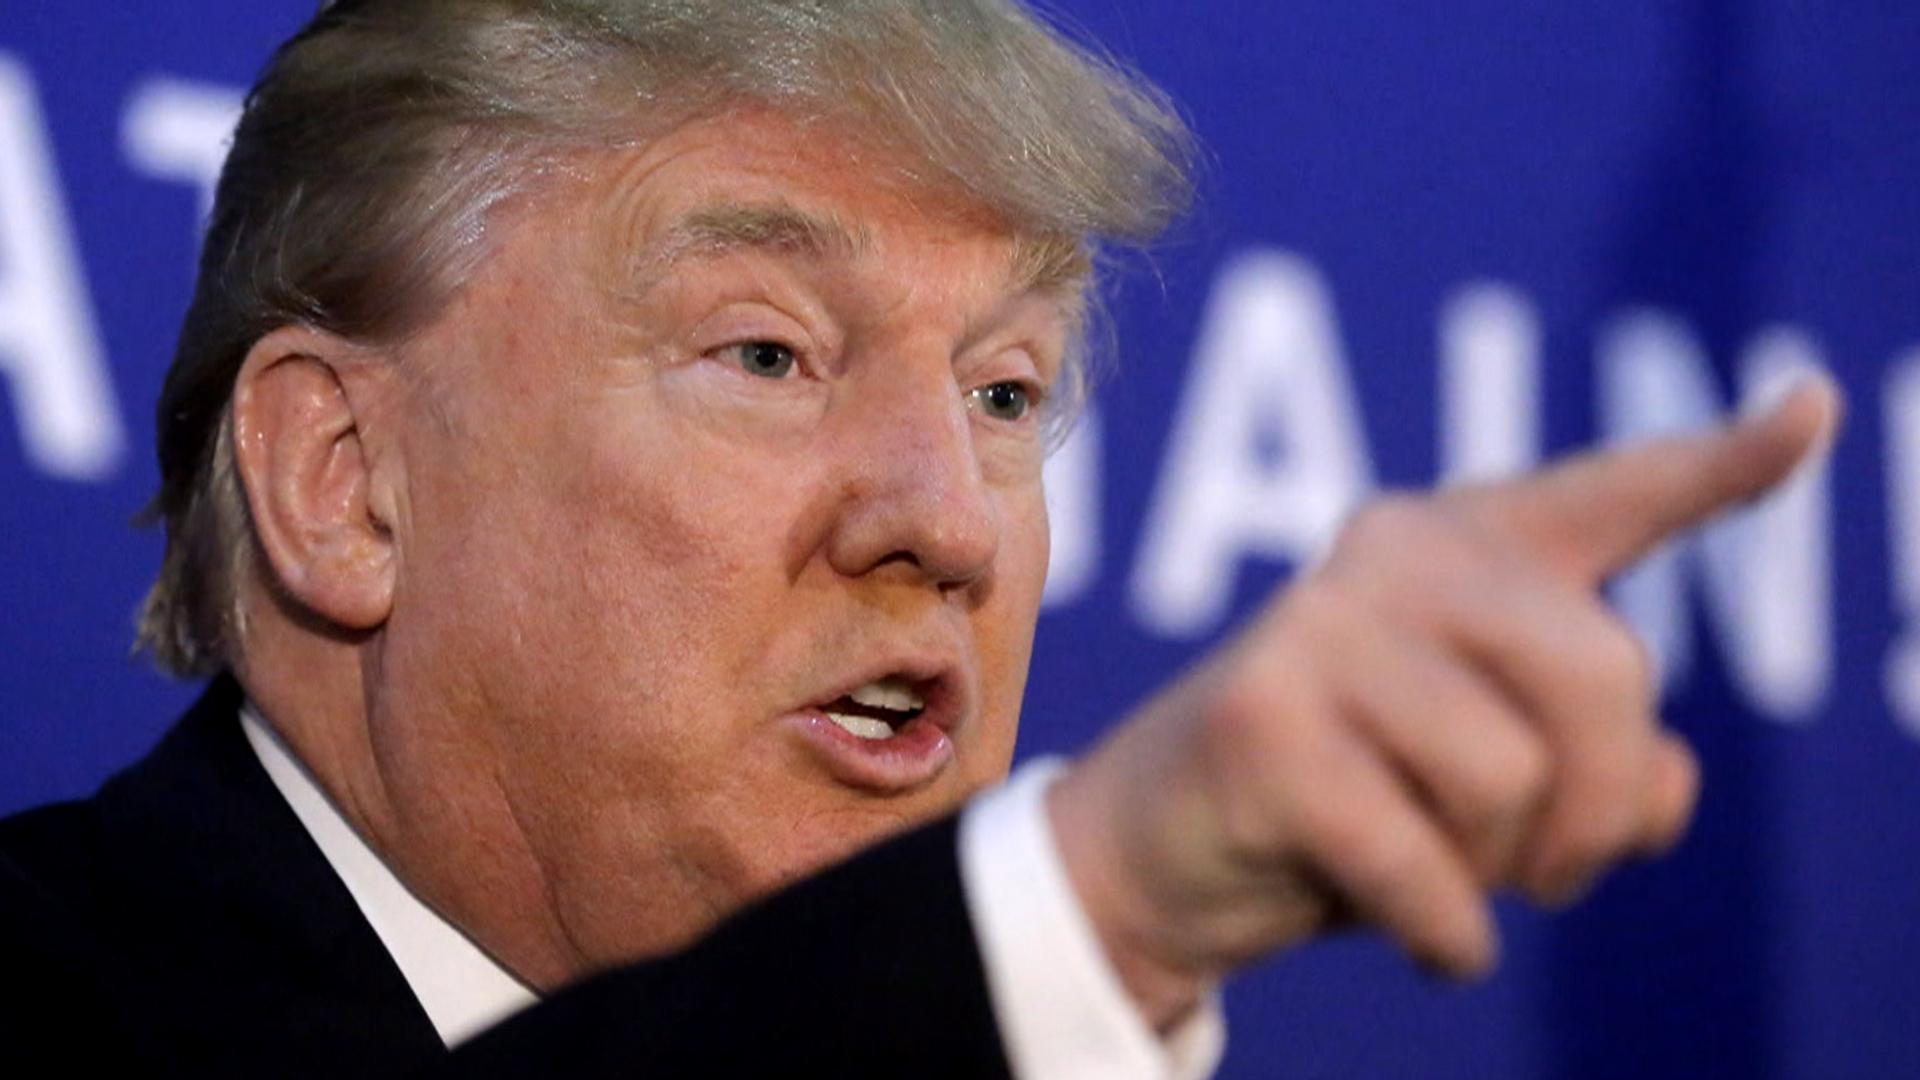 Saudi Prince Prince Alwaleed bin Talal Calls Trump a Disgrace